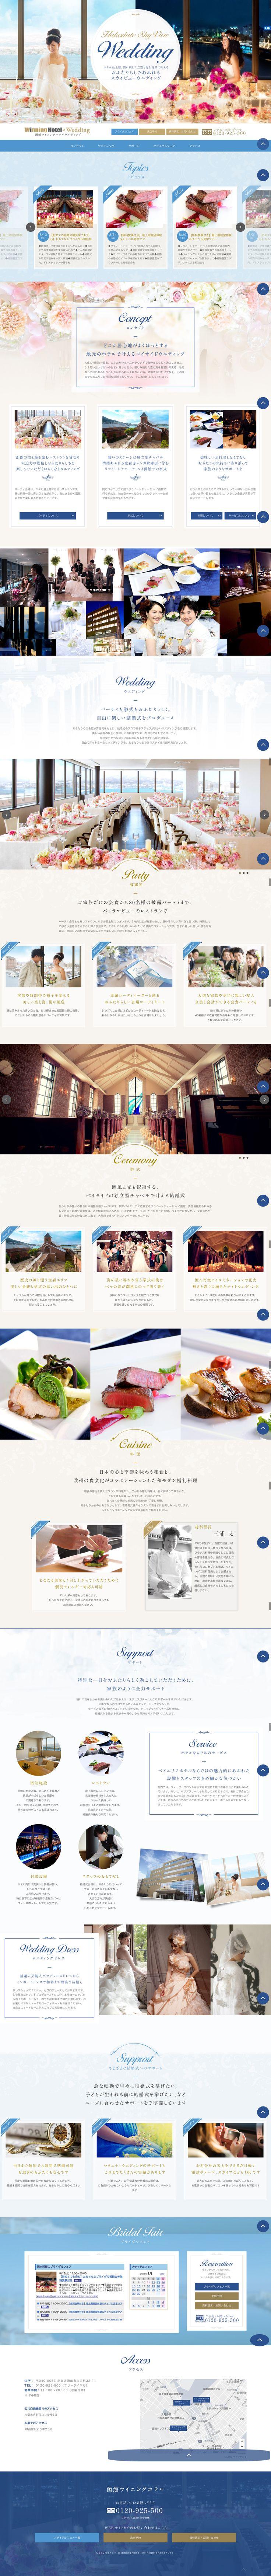 ウイニングホテル-ブライダル | 北海道函館市のホテルウエディング・結婚式場 #Site